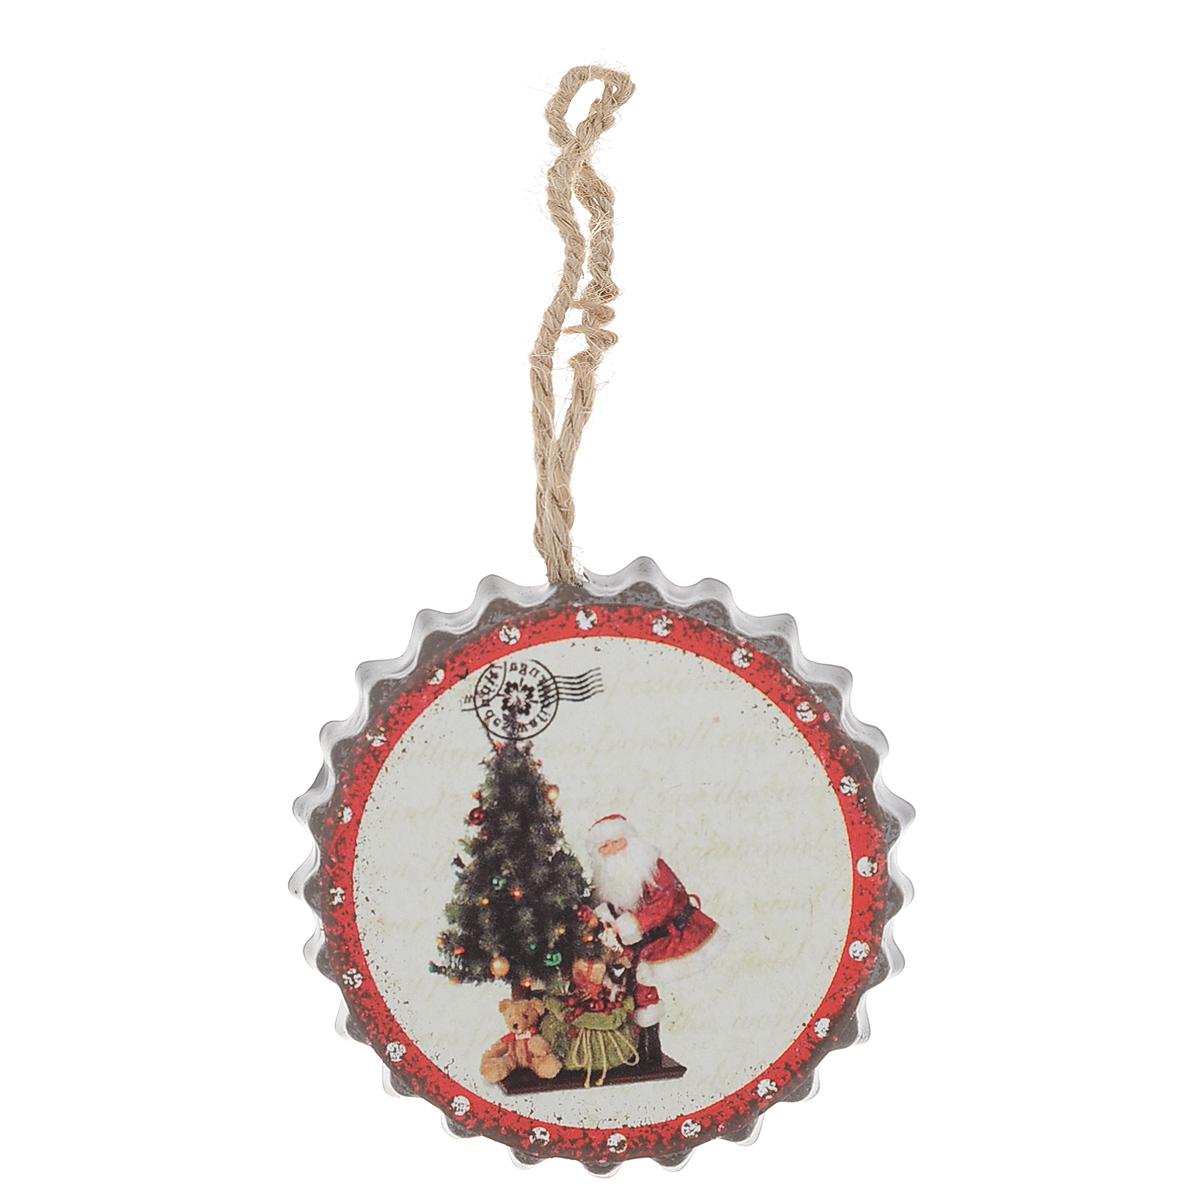 Новогоднее подвесное украшение Дед Мороз у елки, диаметр 5,5 см35289Оригинальное новогоднее украшение из пластика прекрасно подойдет для праздничного декора дома и новогодней ели. Изделие крепится на елку с помощью металлического зажима.